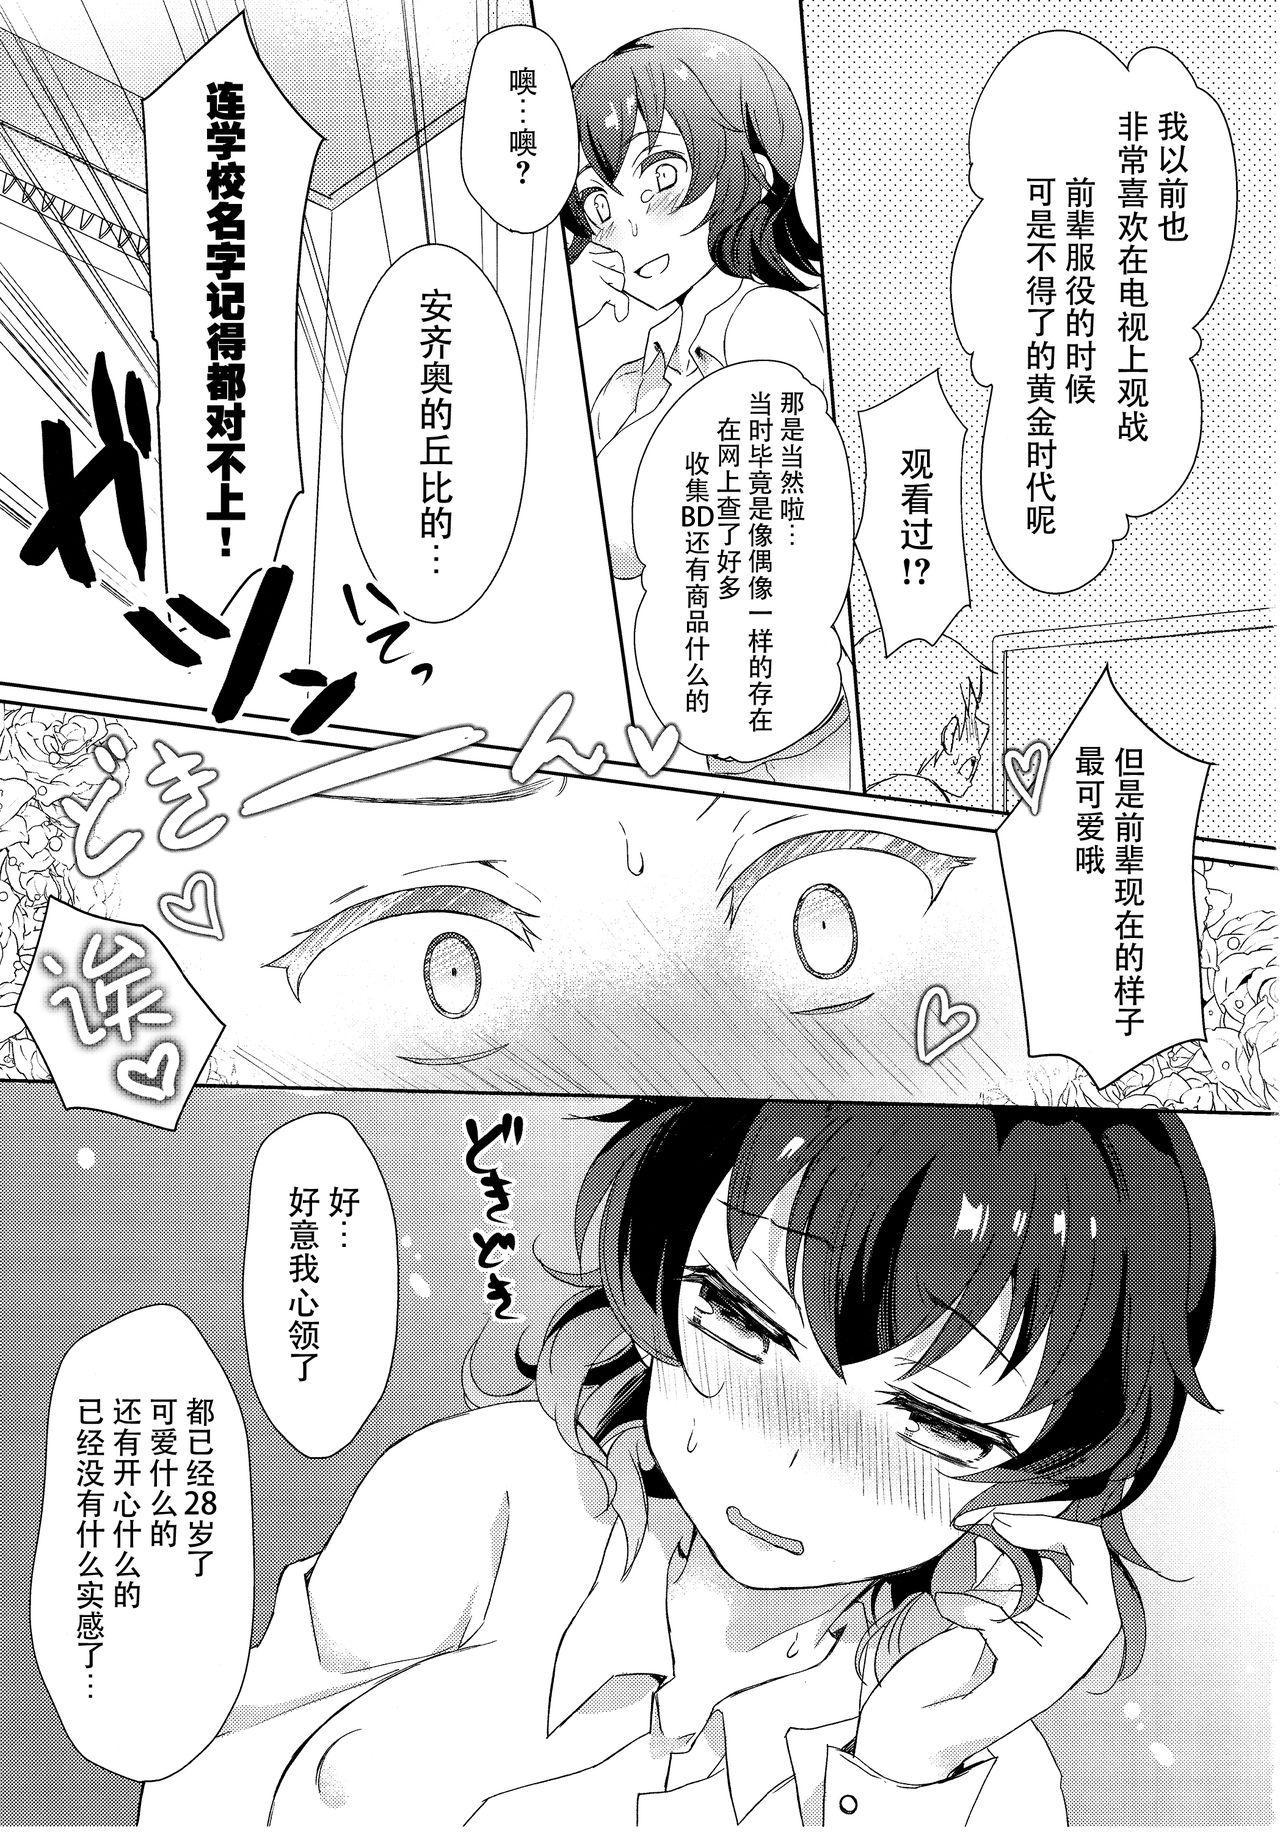 Takako 28-sai Shojo desu 10